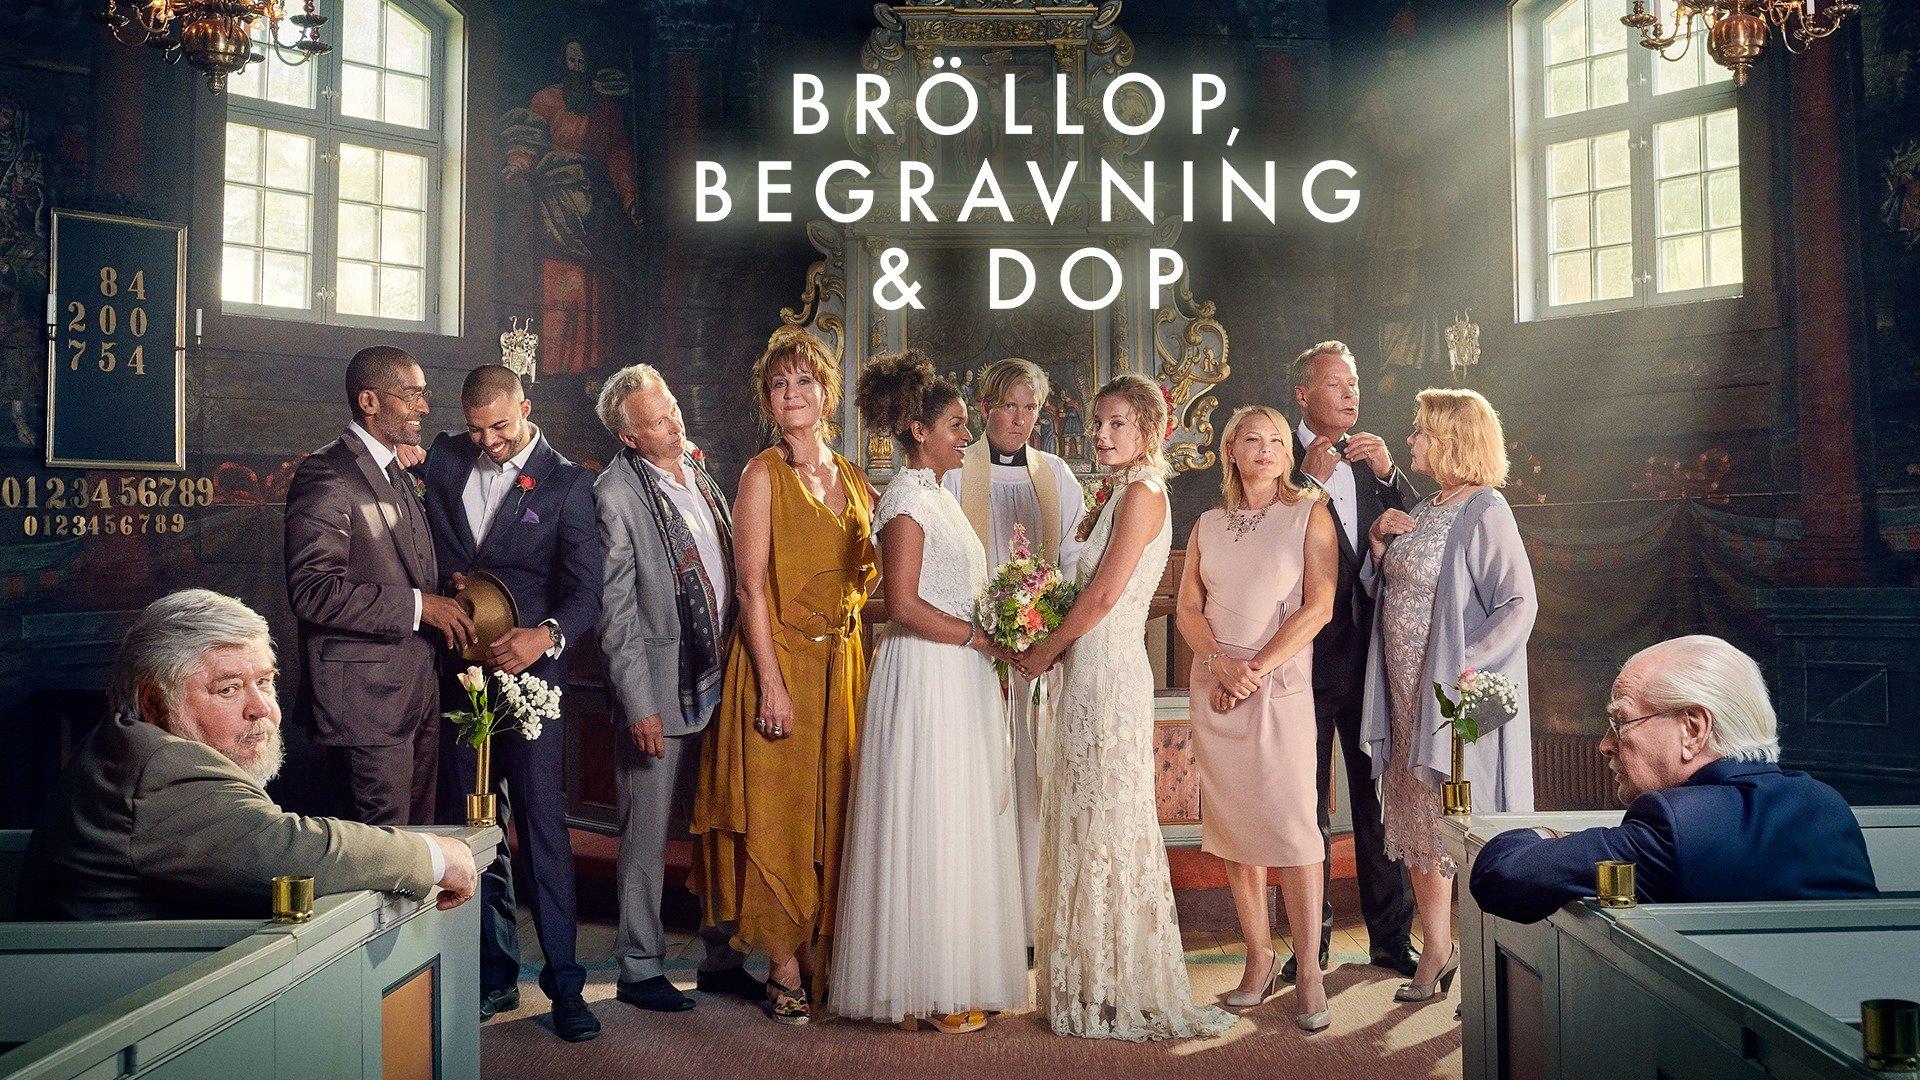 Bröllop, begravning och dop